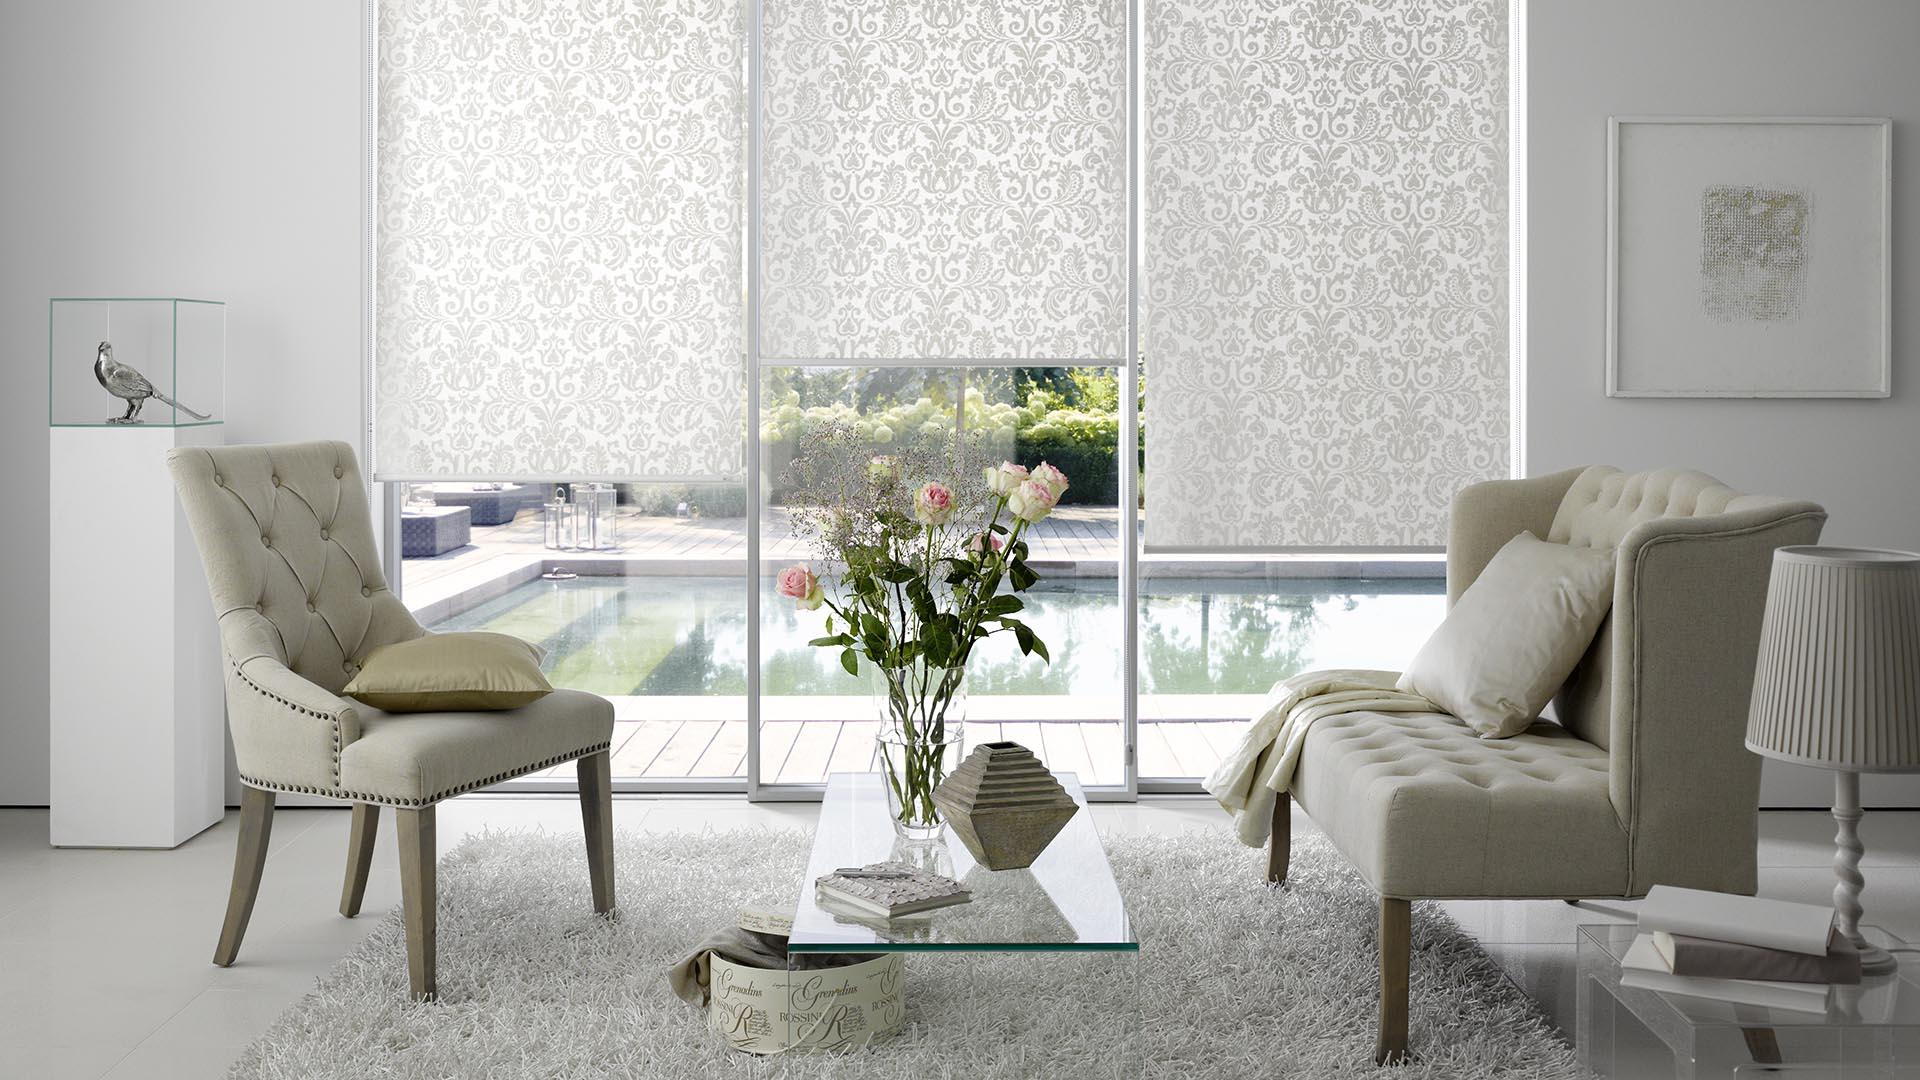 Rollos für große Fensterflächen